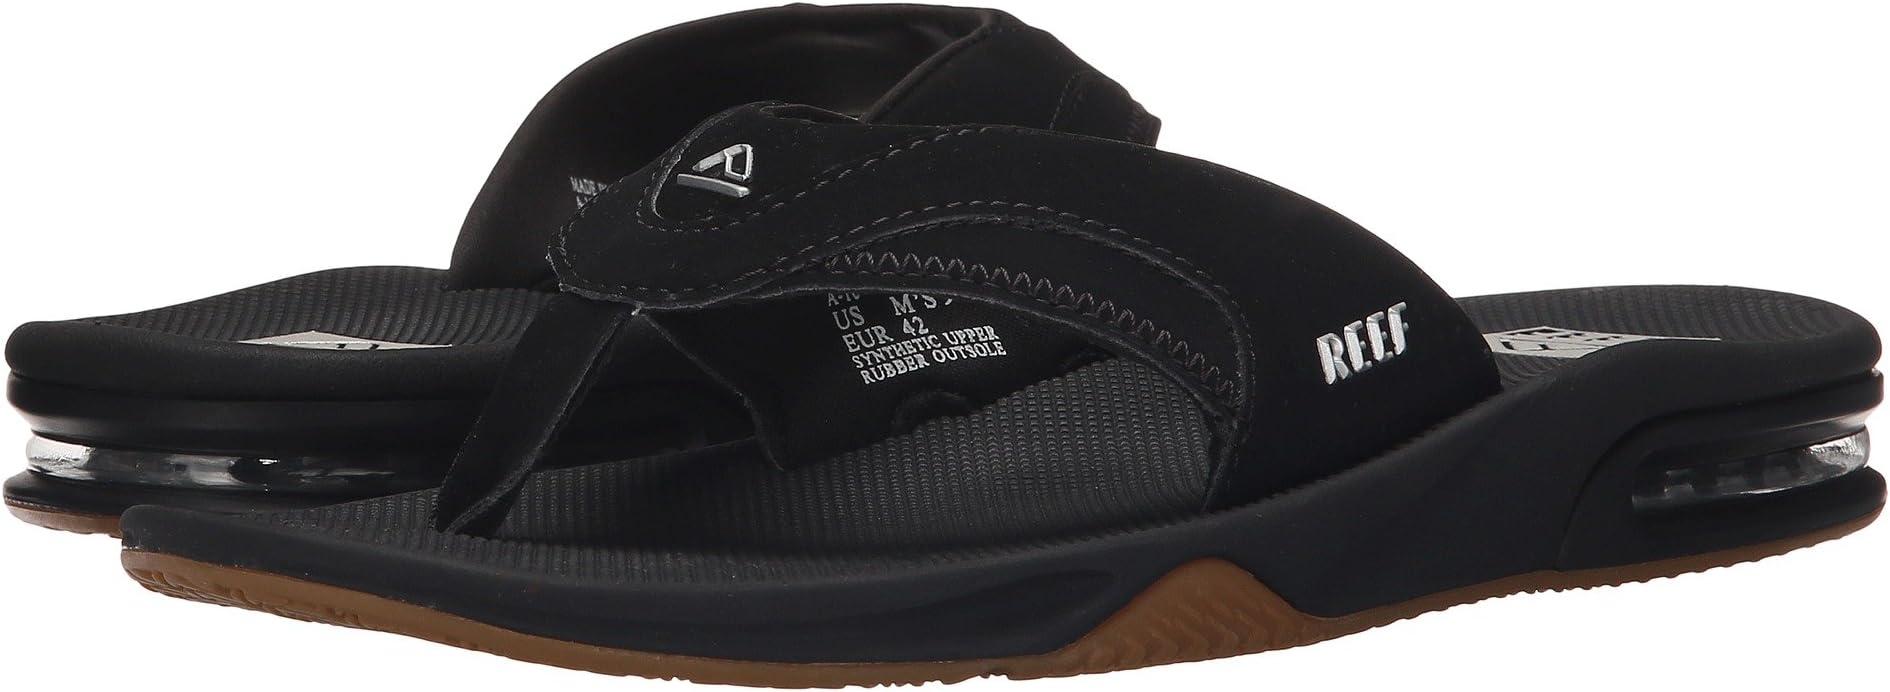 TC-1-Mens-Sandals-2019-5-01